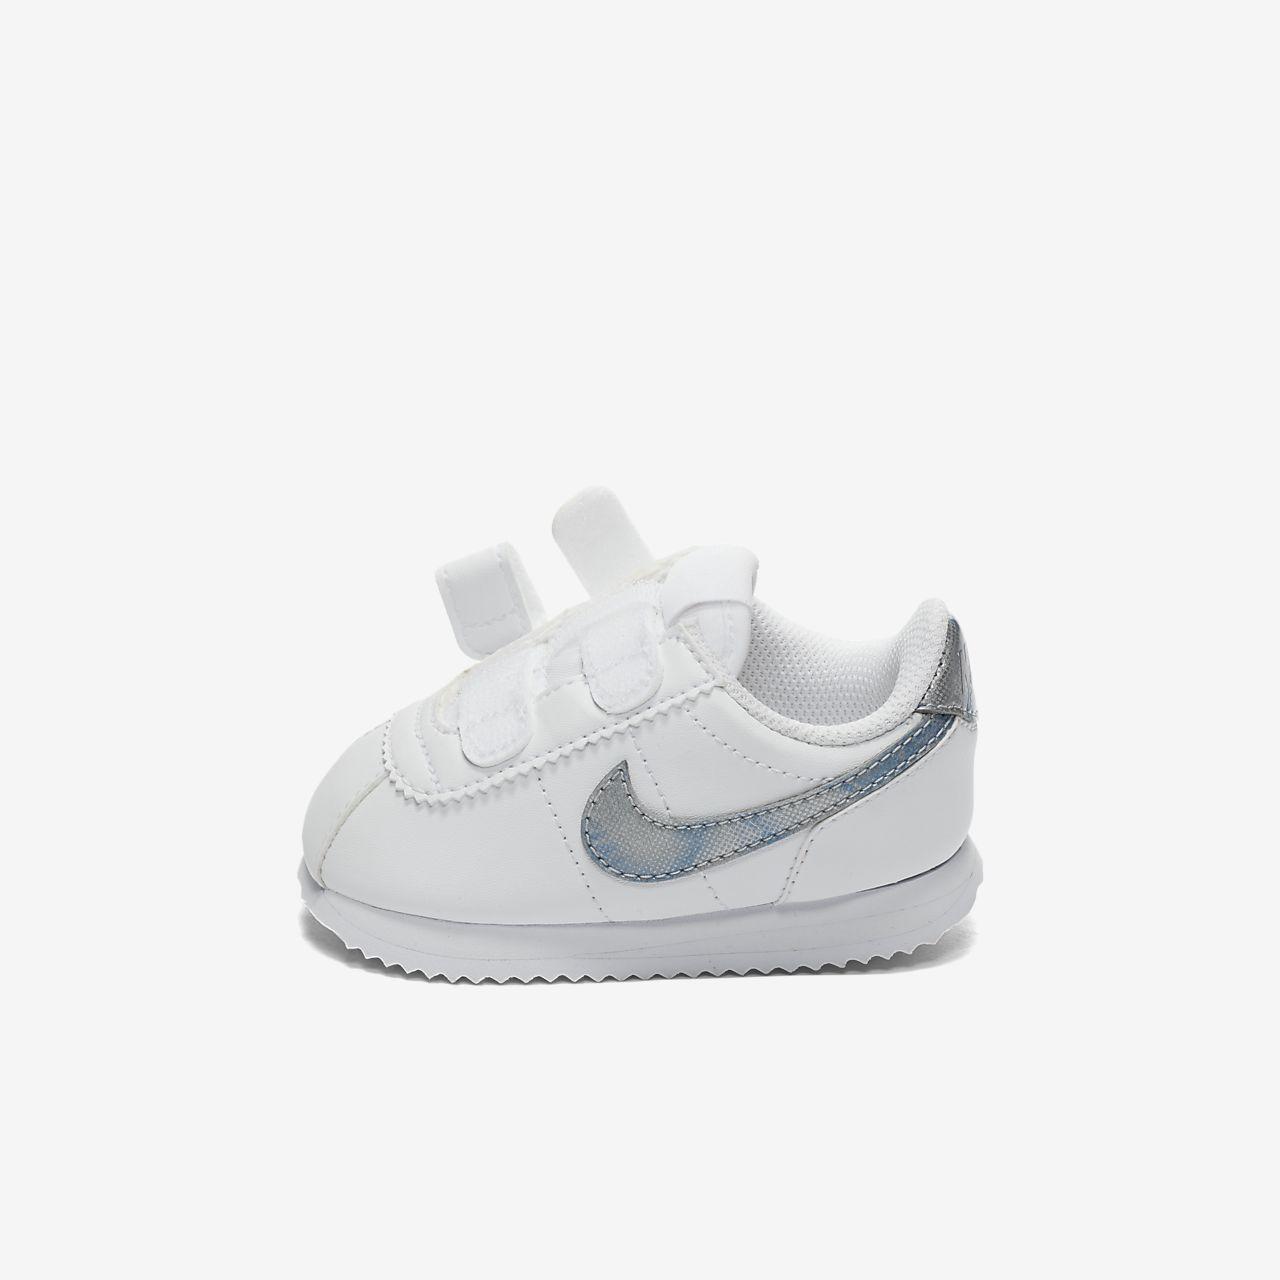 ... Nike Cortez Basic SL Infant/Toddler Shoe